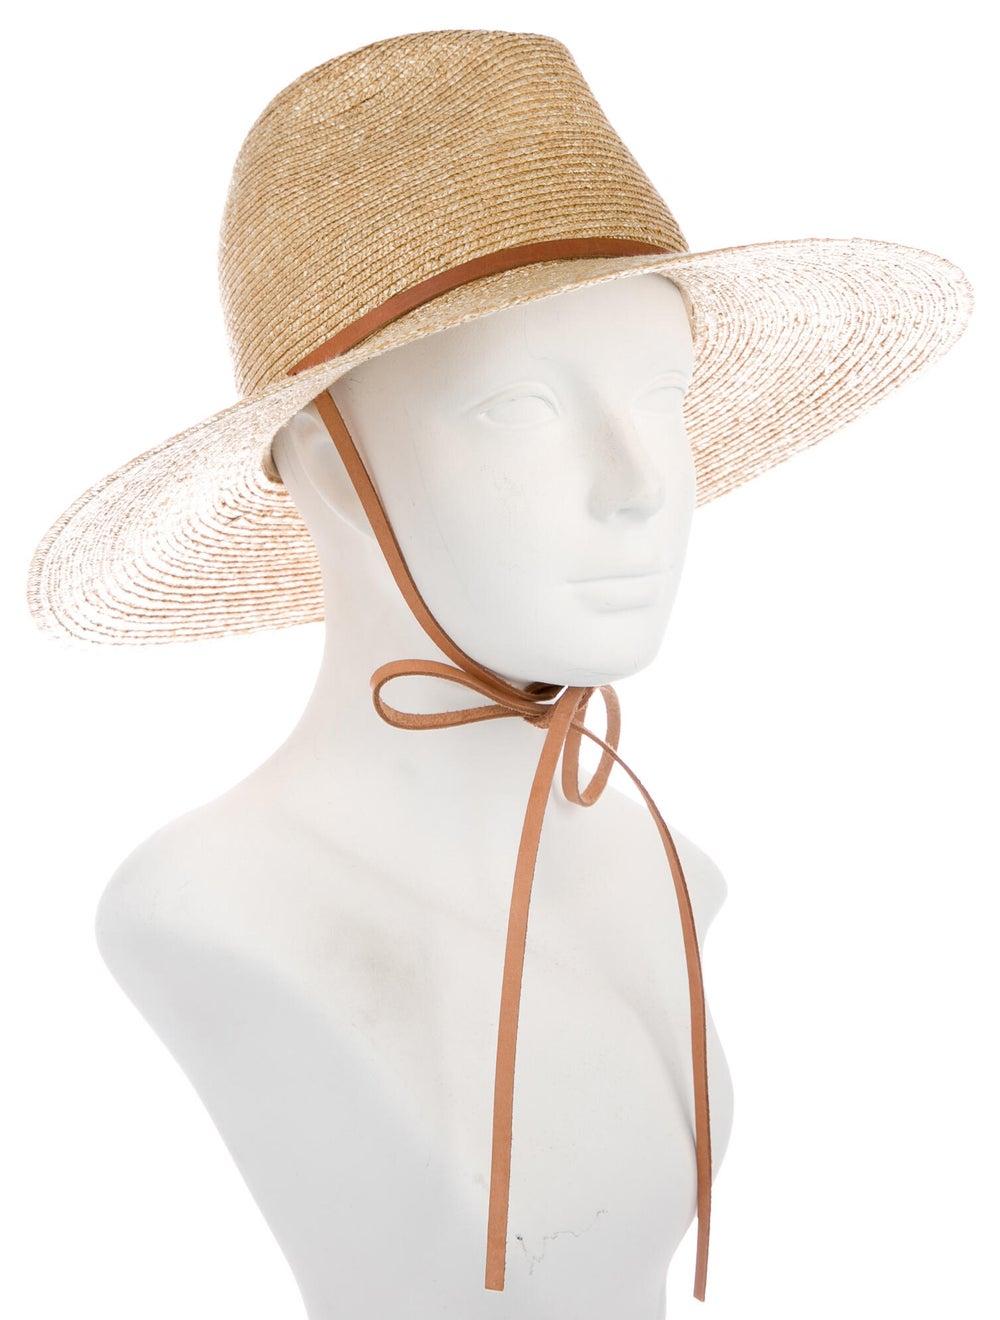 Lola Hats Raffia Wide Brim Hat Tan - image 3